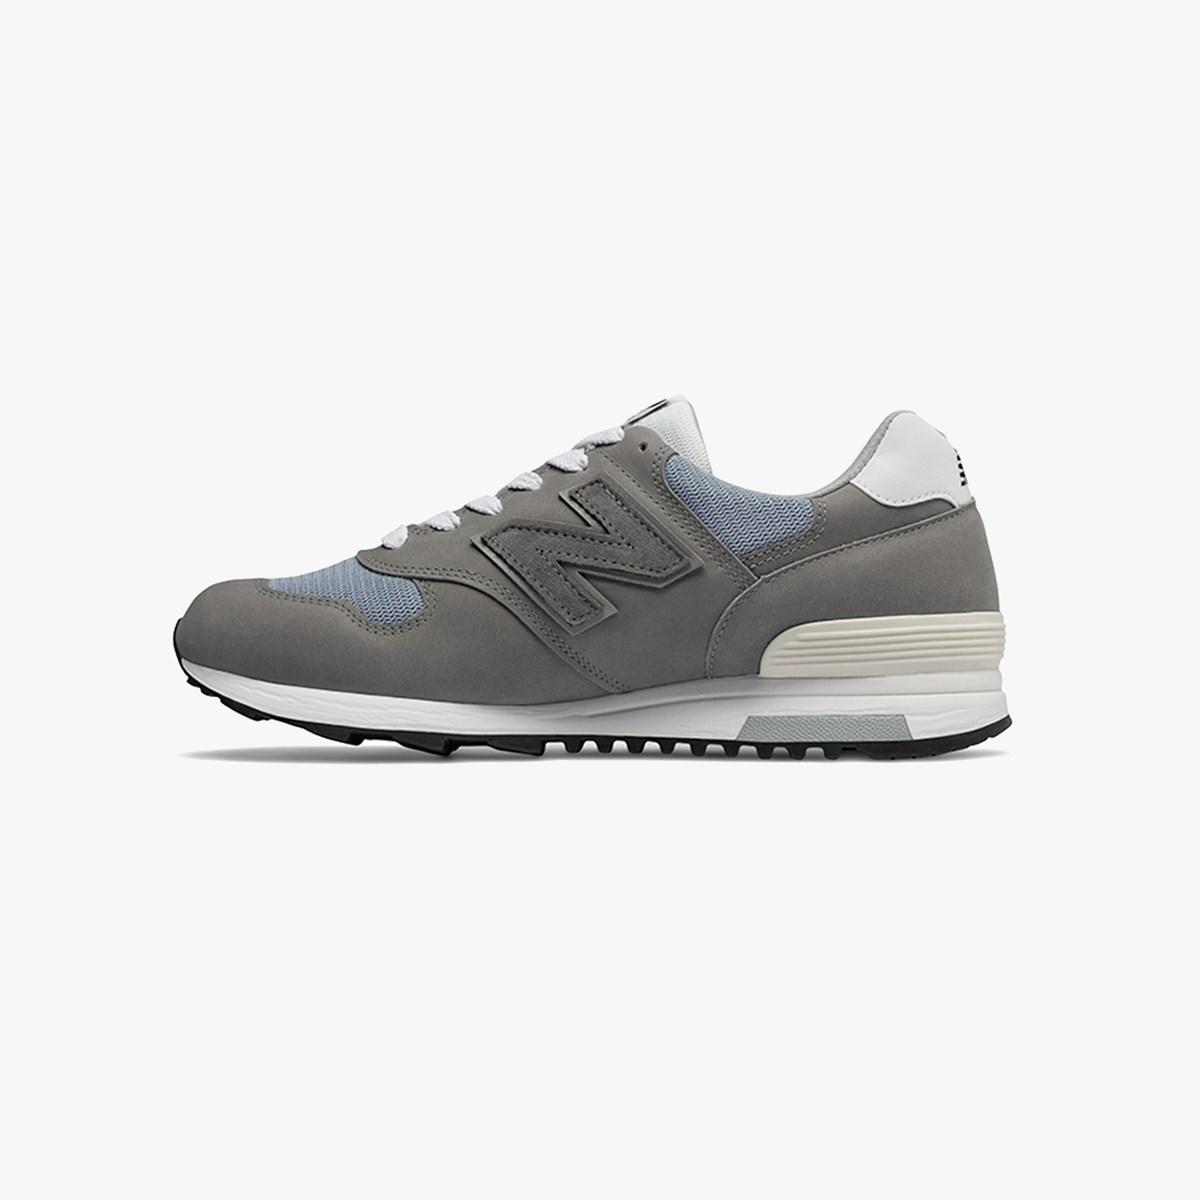 New Balance M1400 - M1400wa - SNS | sneakers & streetwear online since 1999